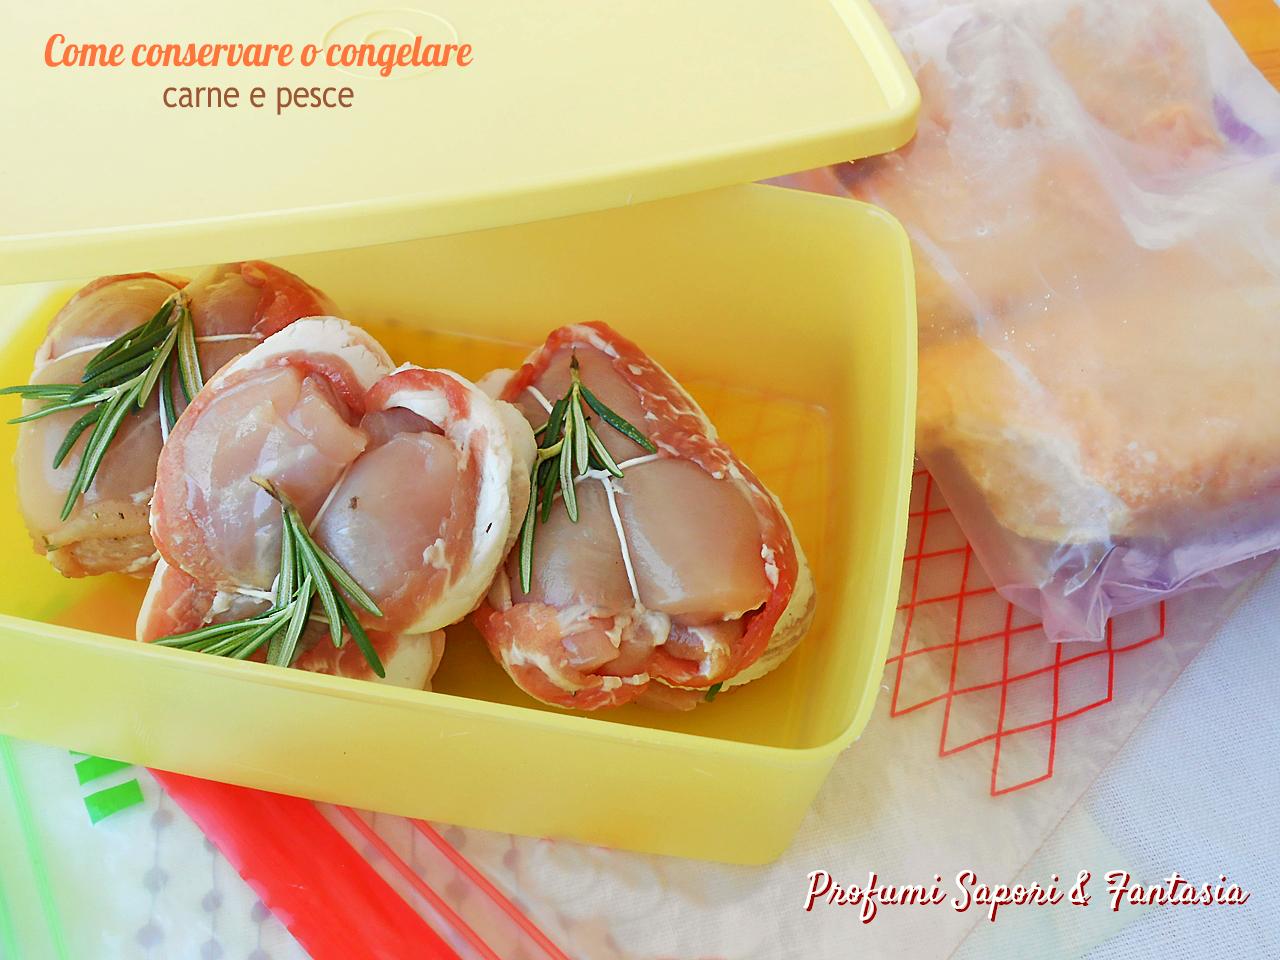 Come conservare o congelare carne e pesce consigli pratici for Cucinare e congelare